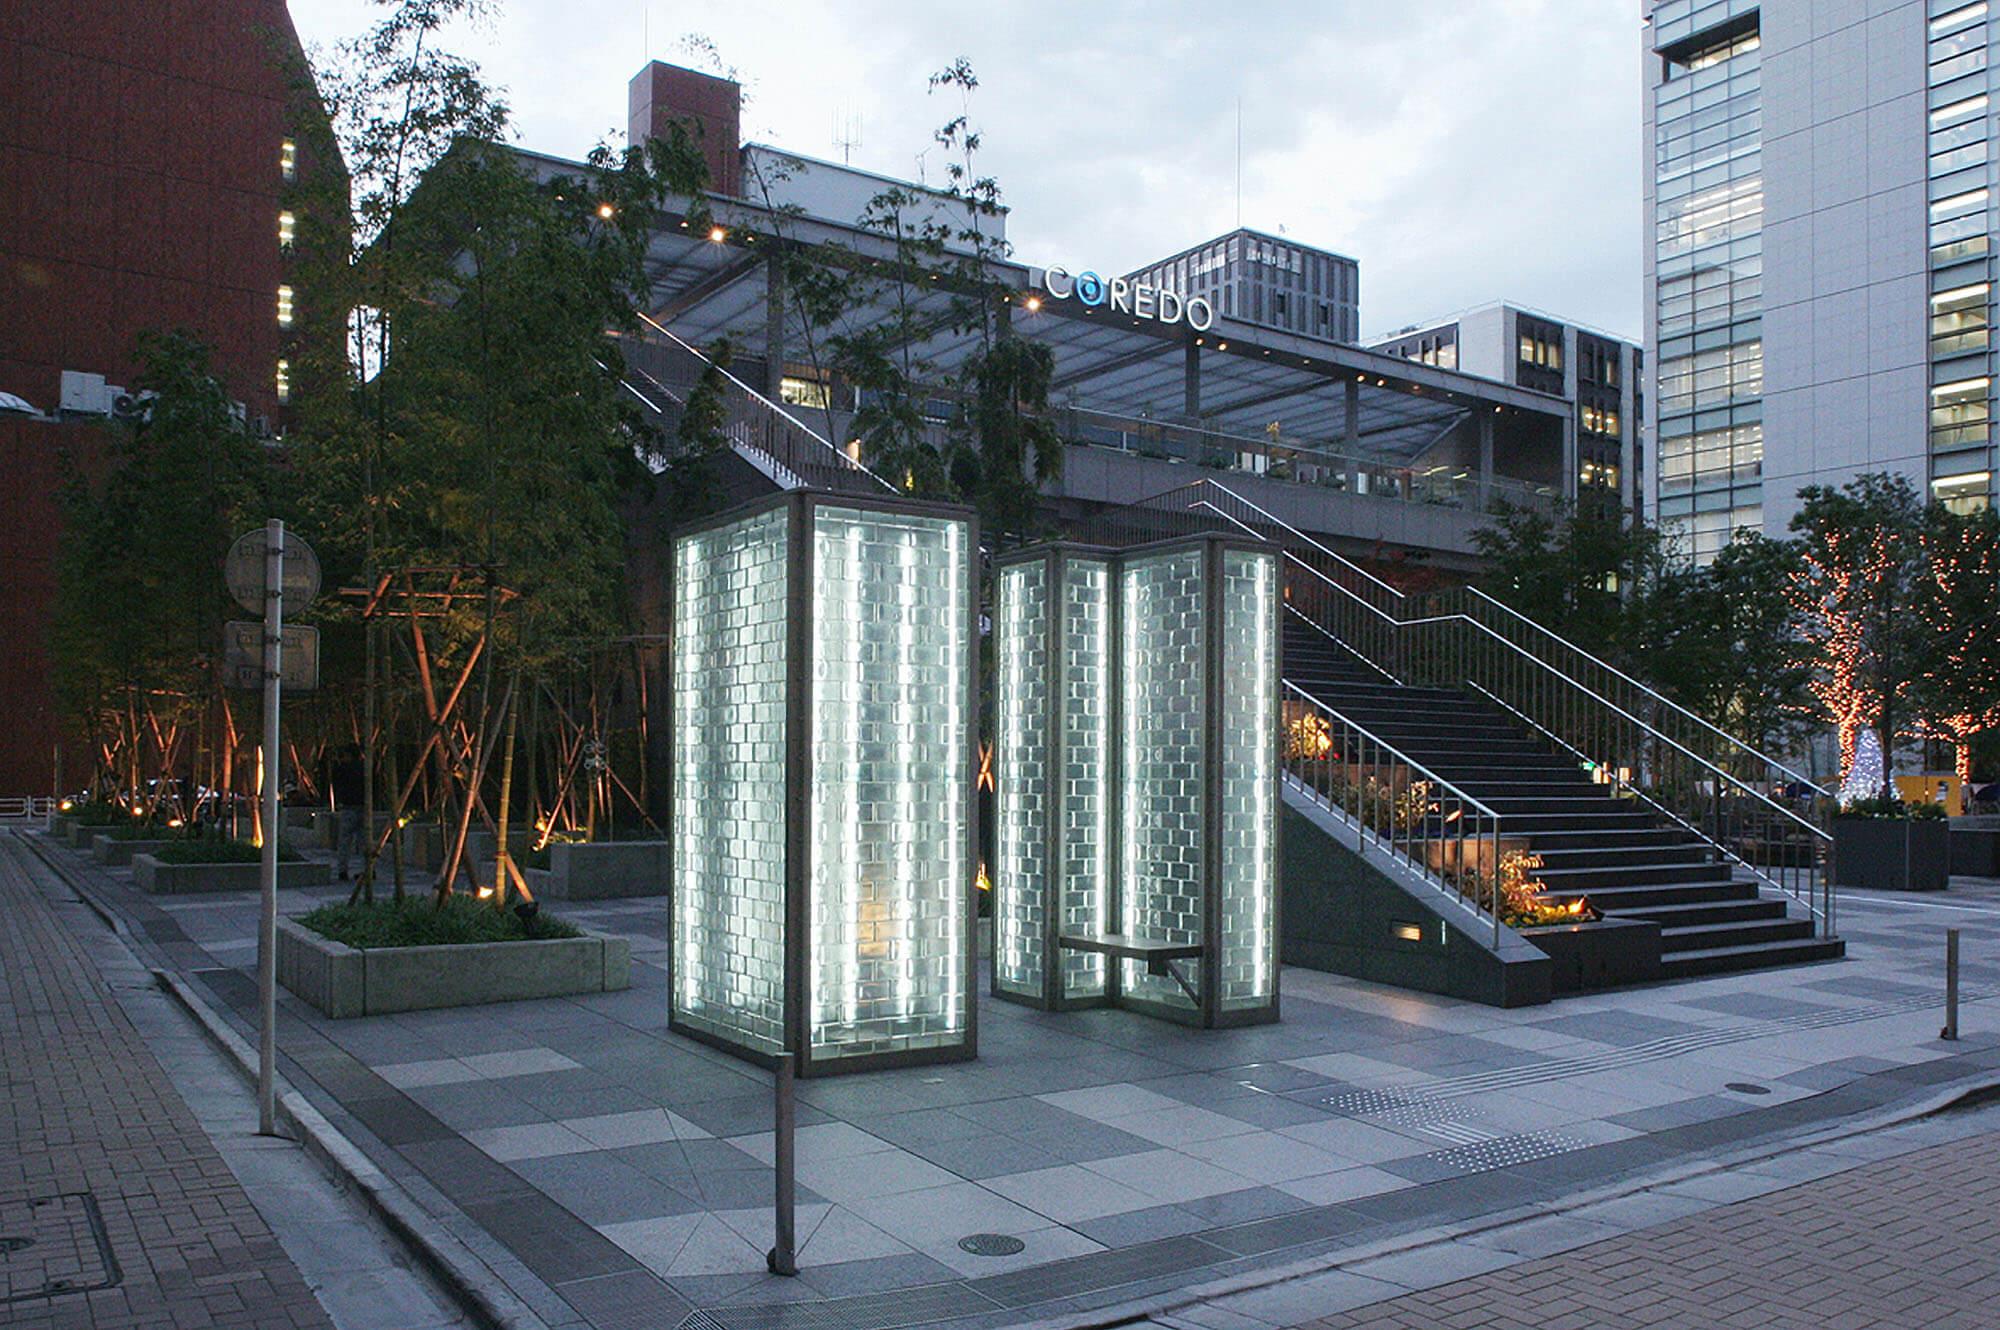 コレド日本橋 アートプロジェクト|offsociety inc. Coredo Nihonbashi Art Project 現代美術・アート Contemporary Art